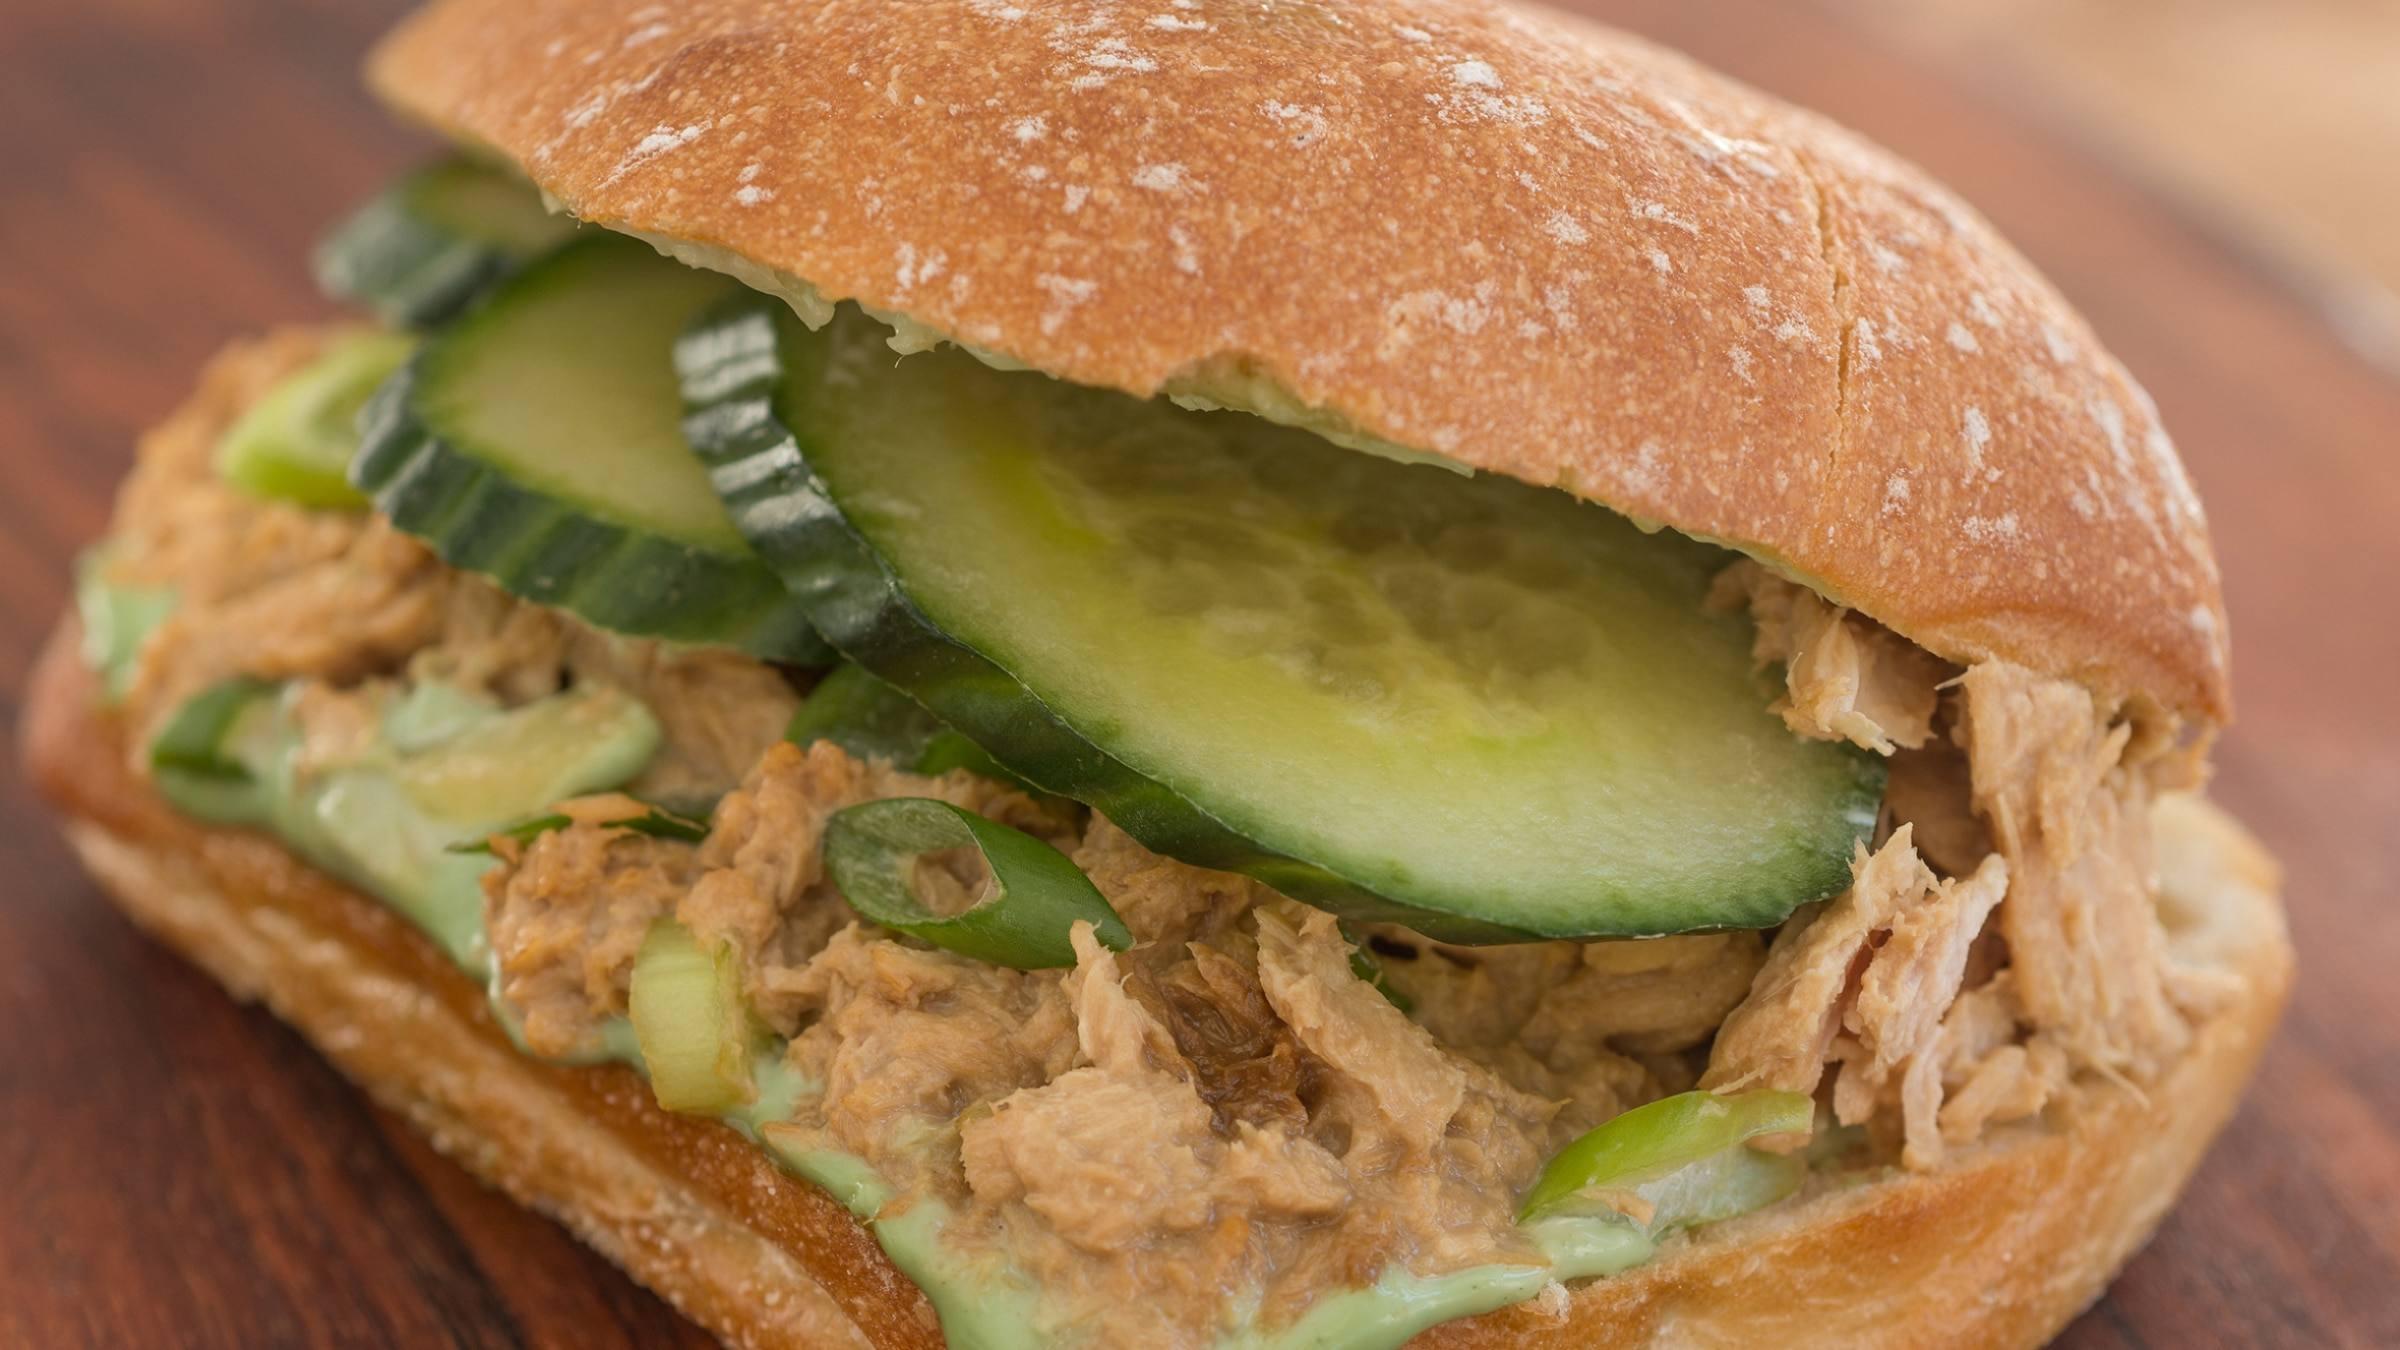 Cool Tuna Hot Wasabi Strangewiches